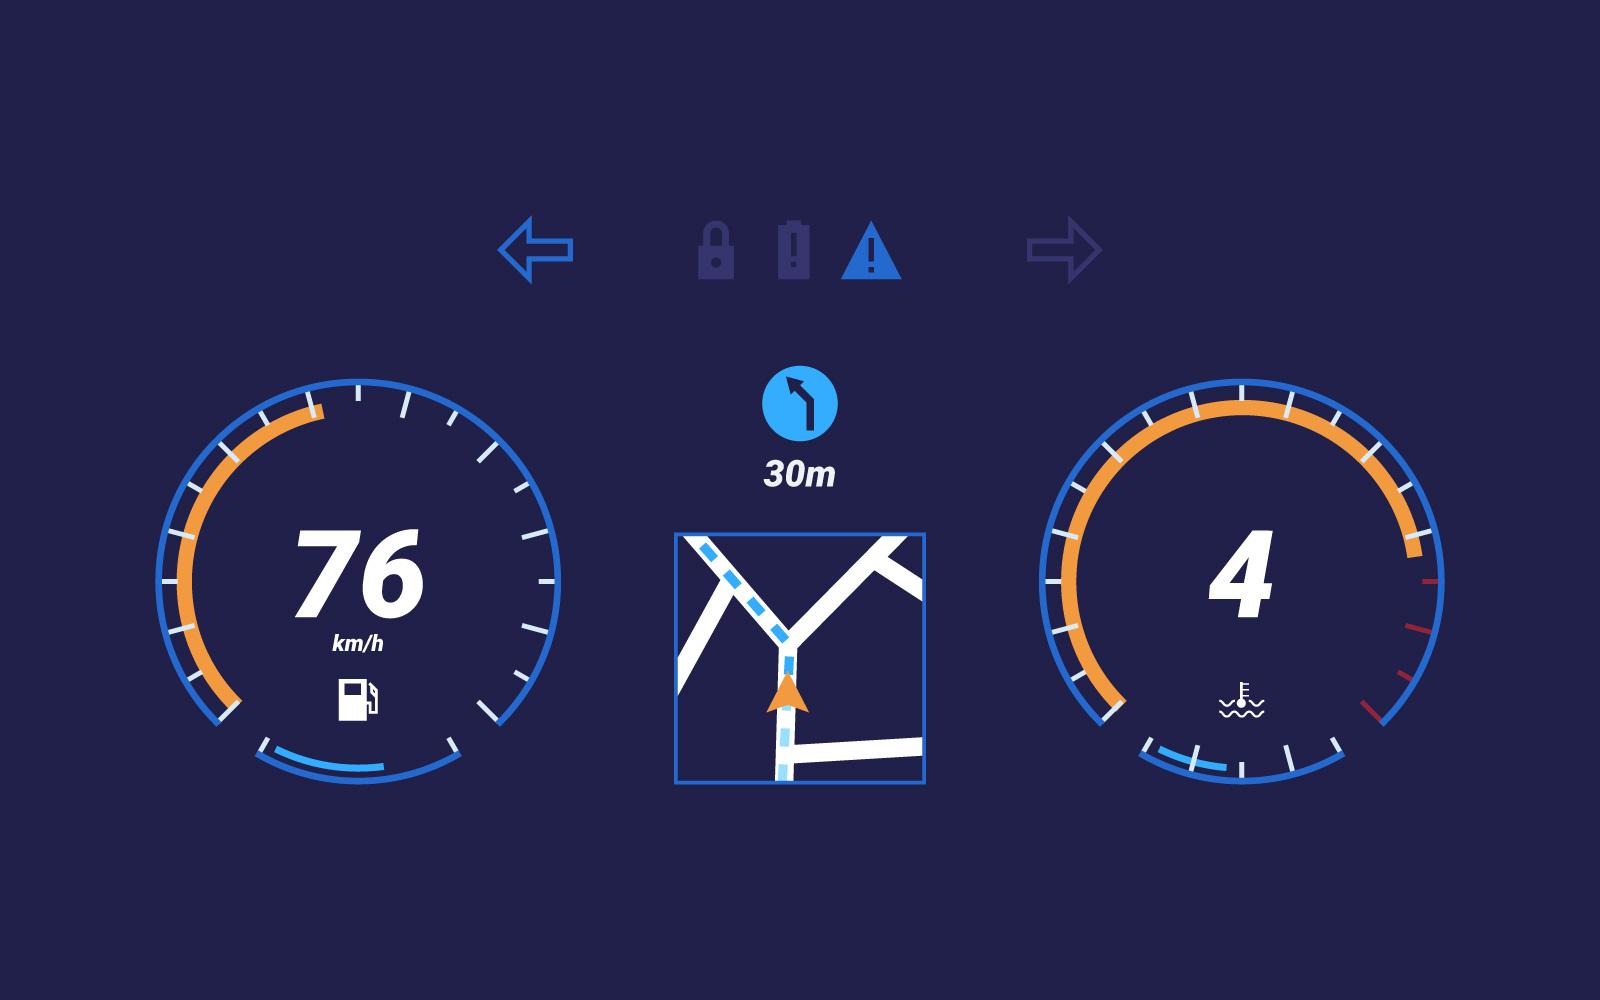 Tablero de instrumentos únicos en el coche UI Vectors - Descargue ...